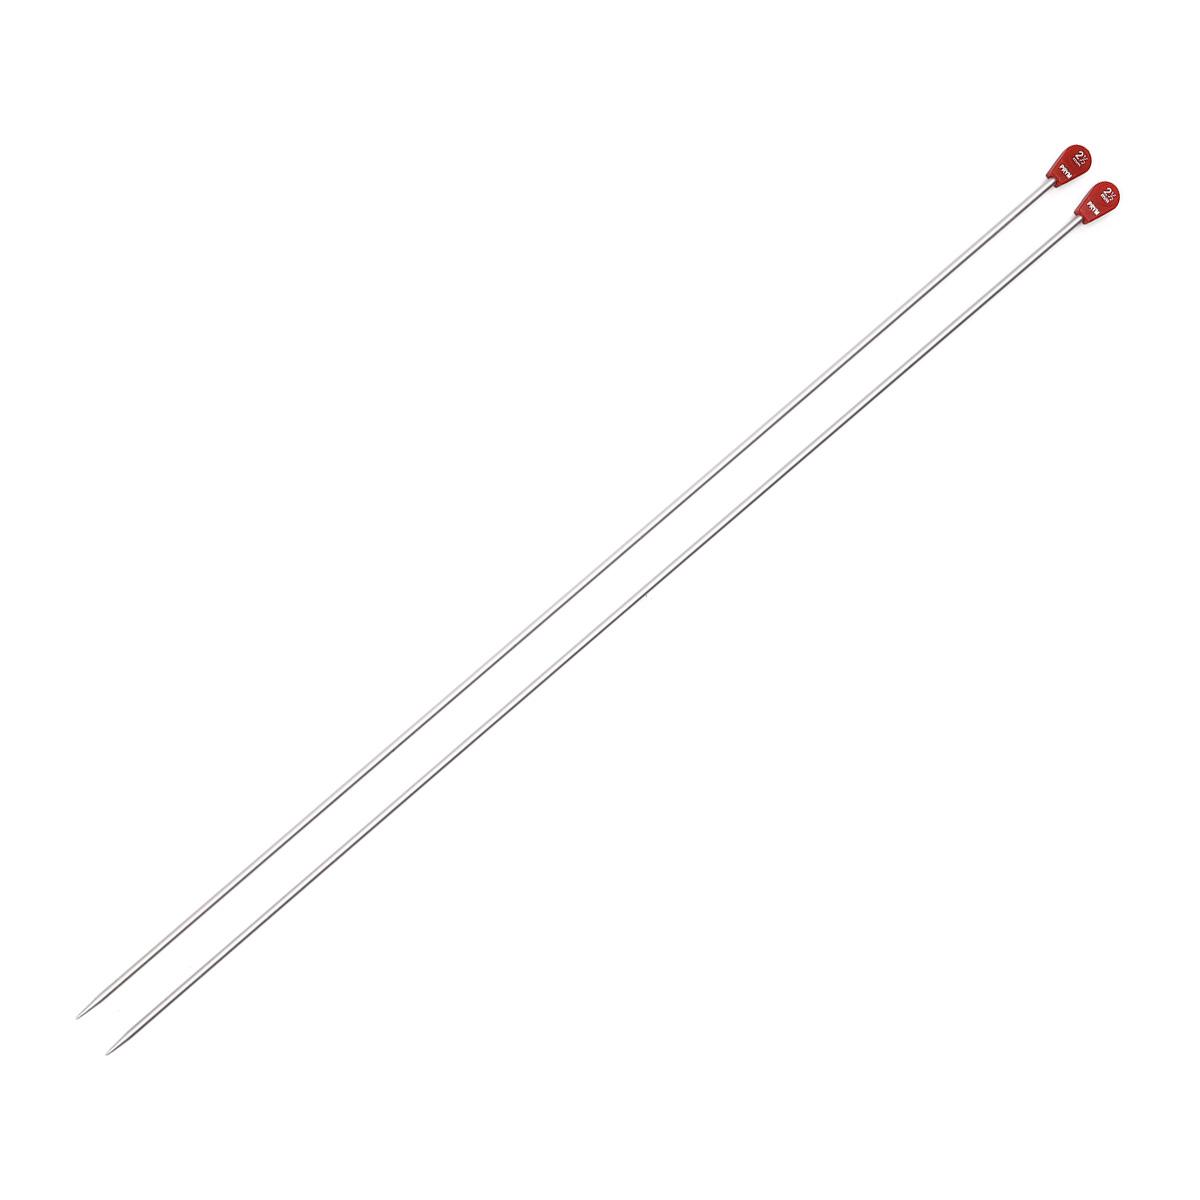 171305 Спицы прямые алюминиевые с наконечниками, серебристый, 2,5 мм*40 см, Prym